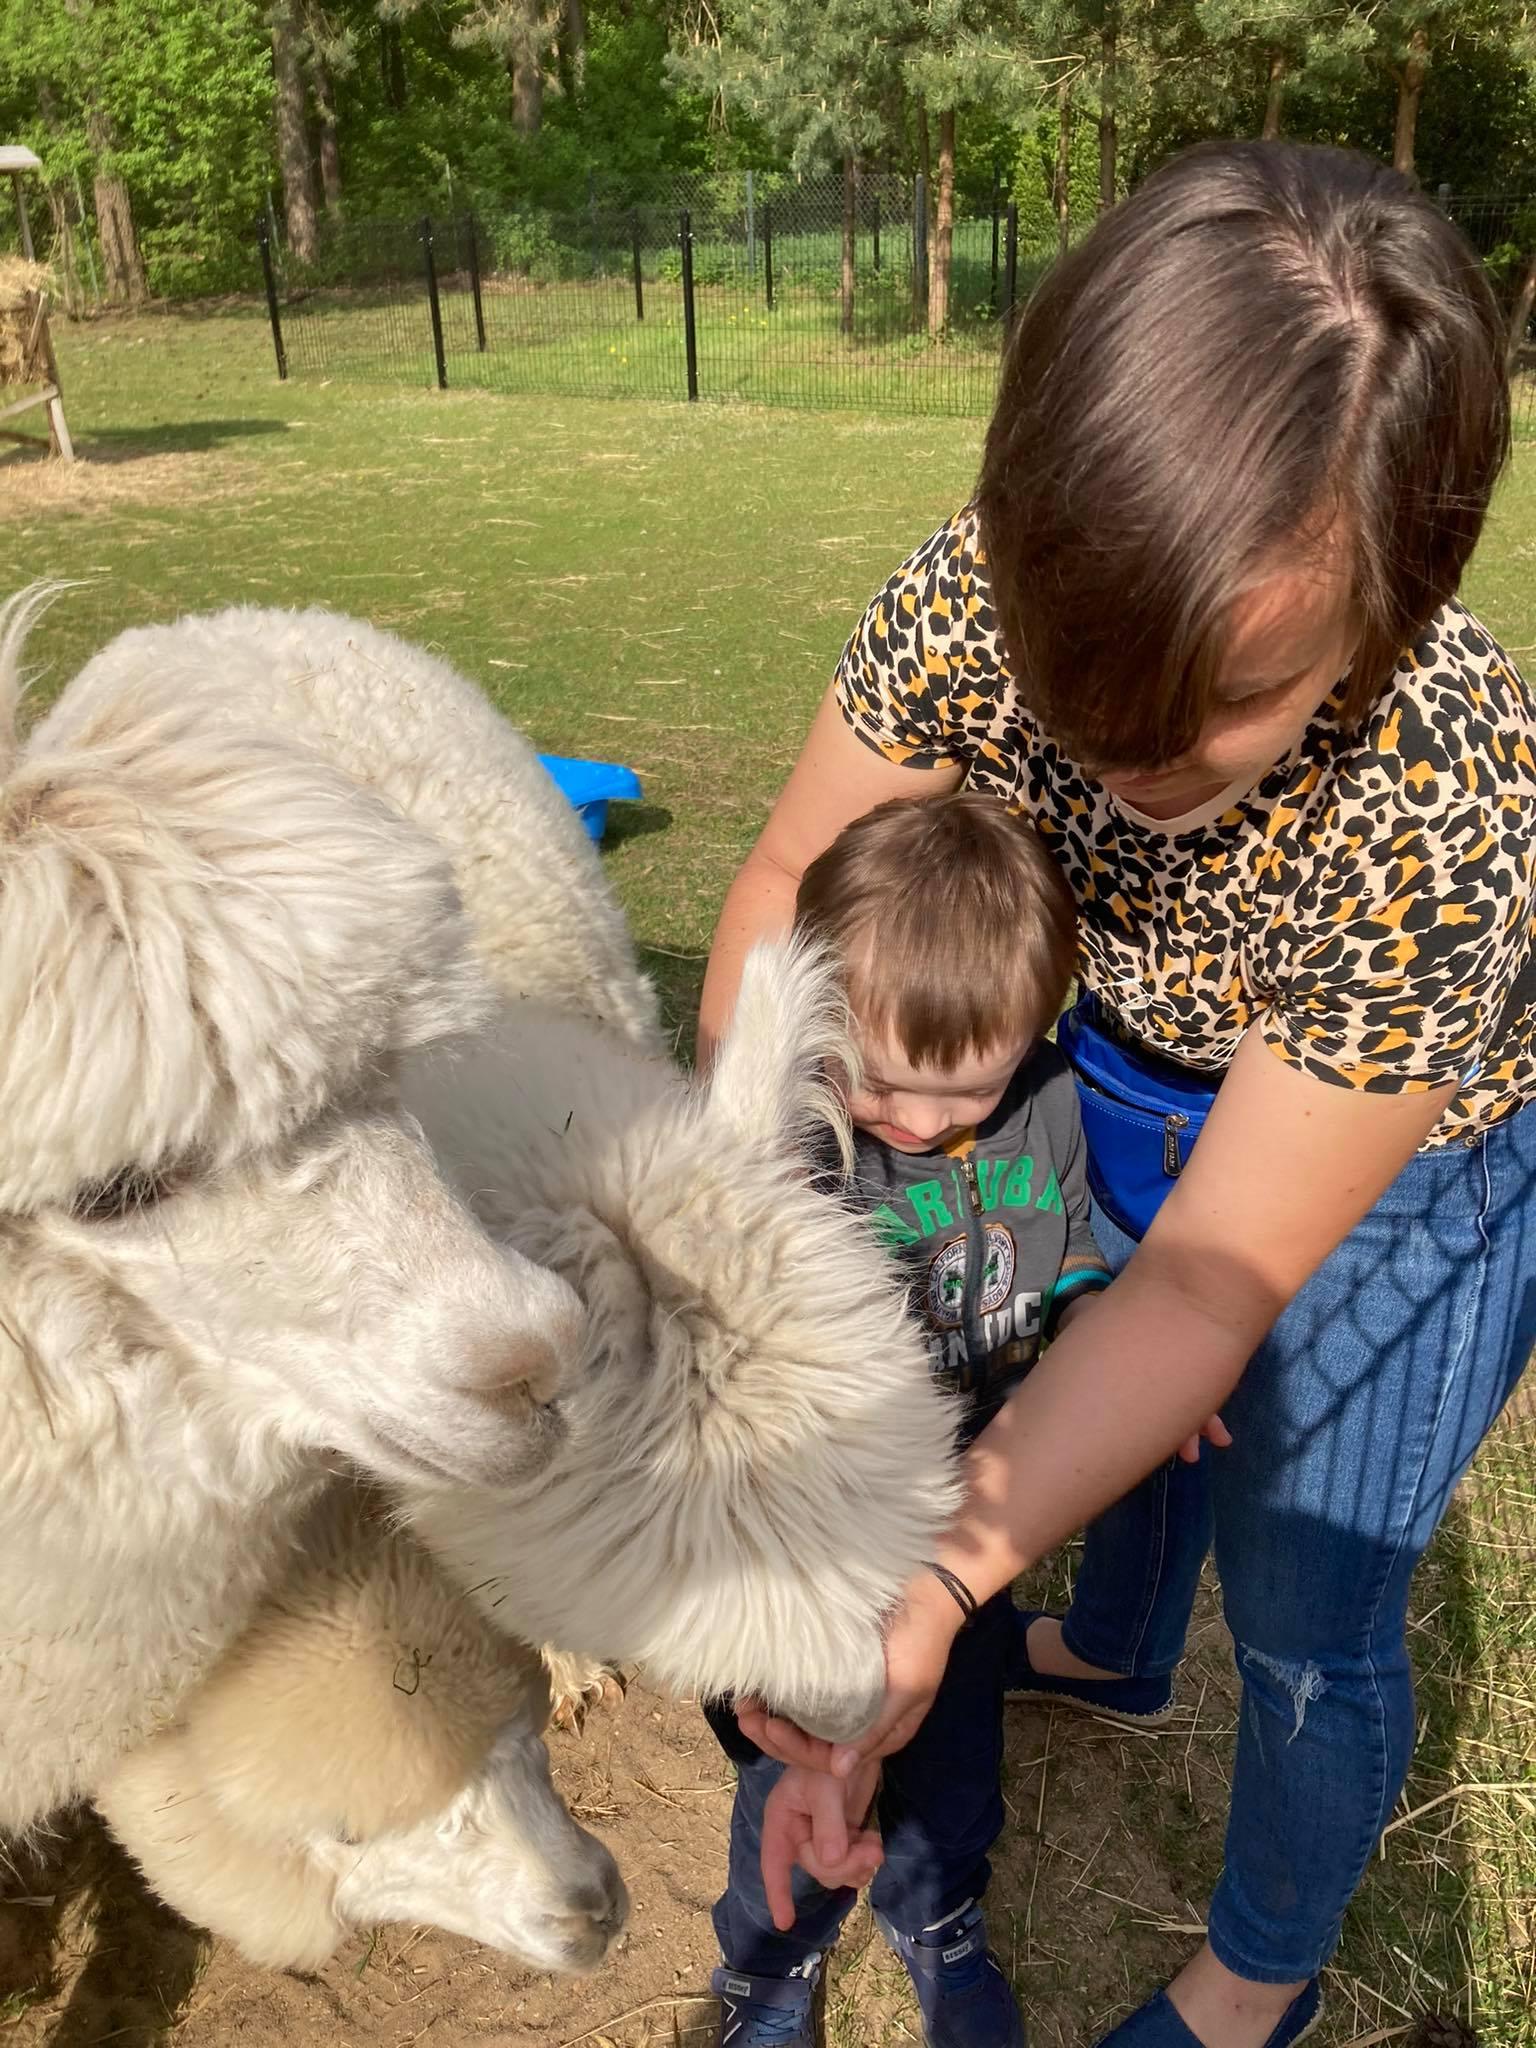 Podawanie alpakom smakołyków z ręki dziecka